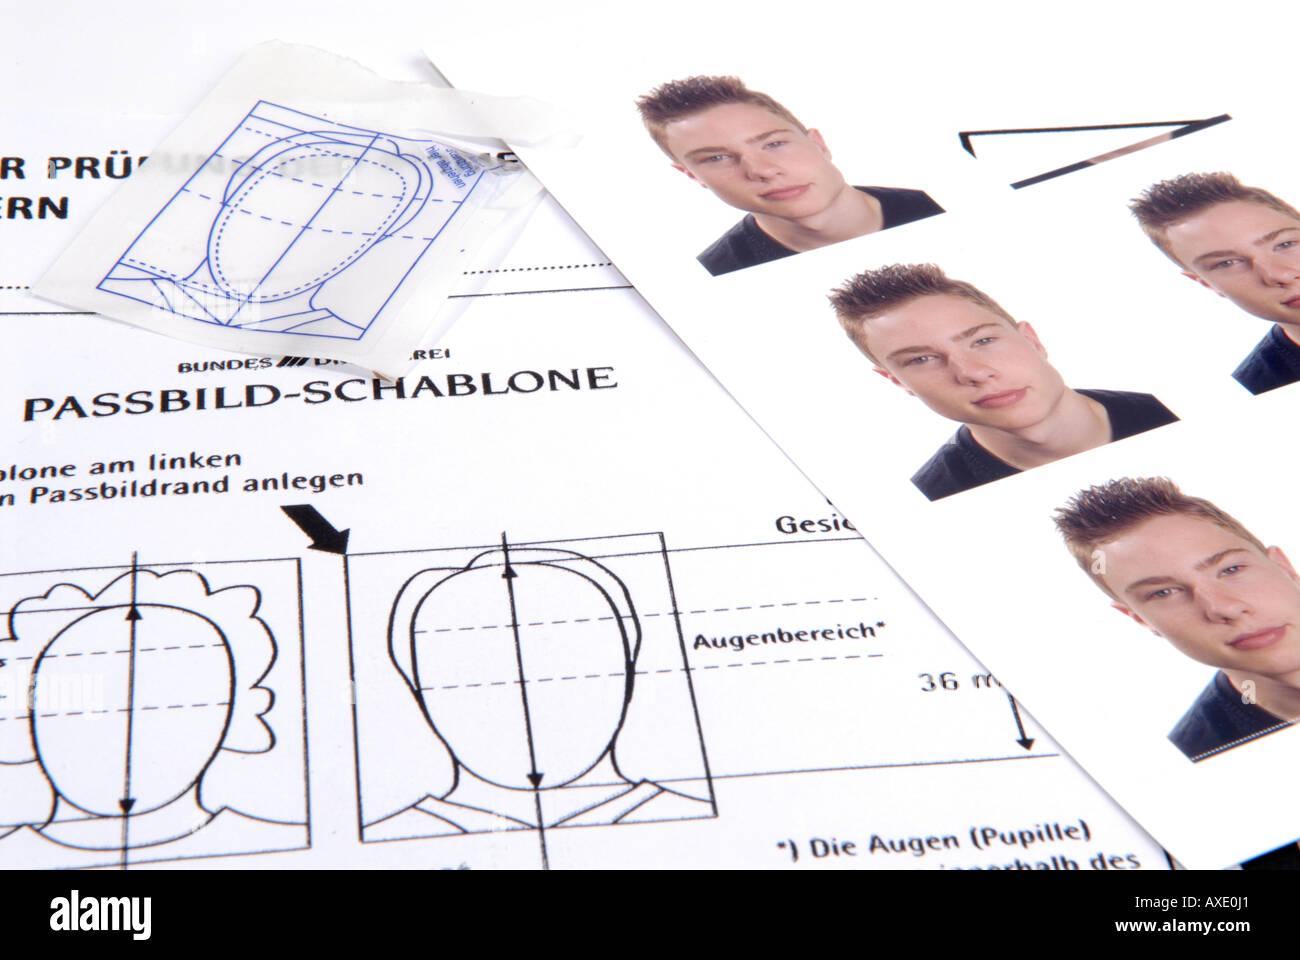 Fantastisch Uk Passfoto Vorlage Zeitgenössisch - Entry Level Resume ...